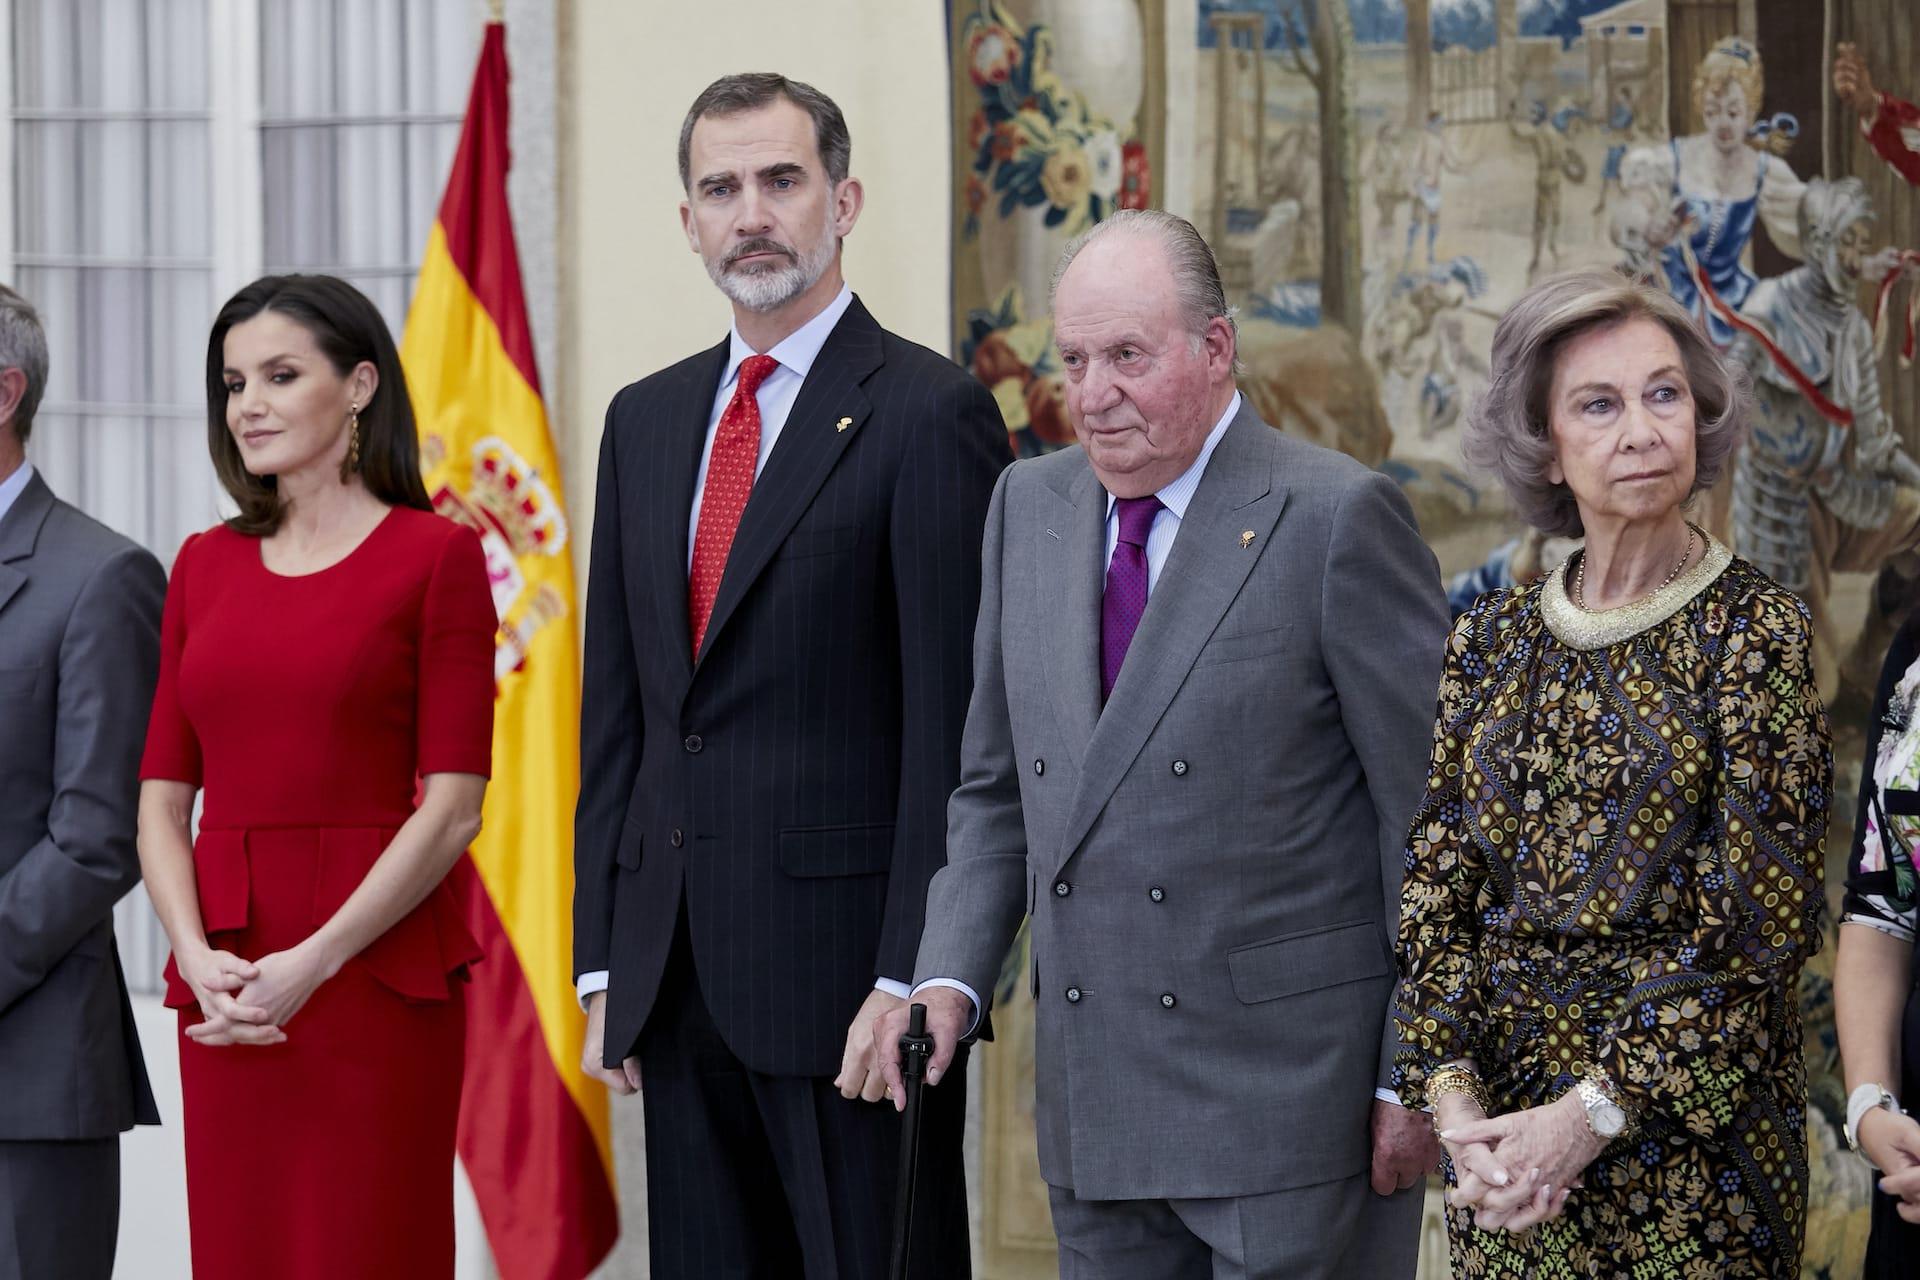 Spanische Königsfamilie muss zittern – neue Enthüllungen geplant